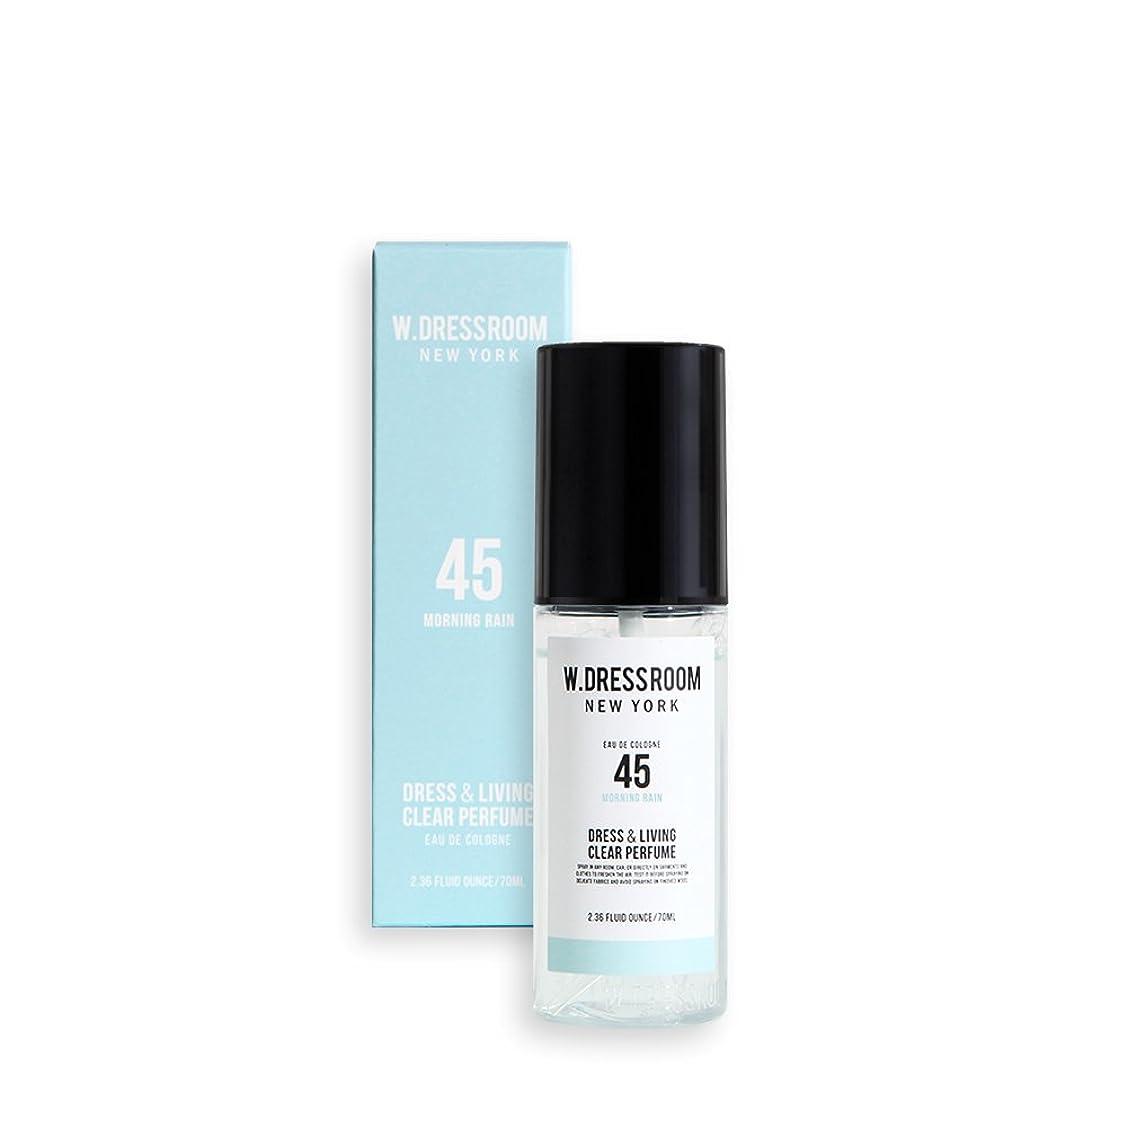 興奮する貸す取り扱いW.DRESSROOM Dress & Living Clear Perfume 70ml/ダブルドレスルーム ドレス&リビング クリア パフューム 70ml (#No.45 Morning Rain) [並行輸入品]